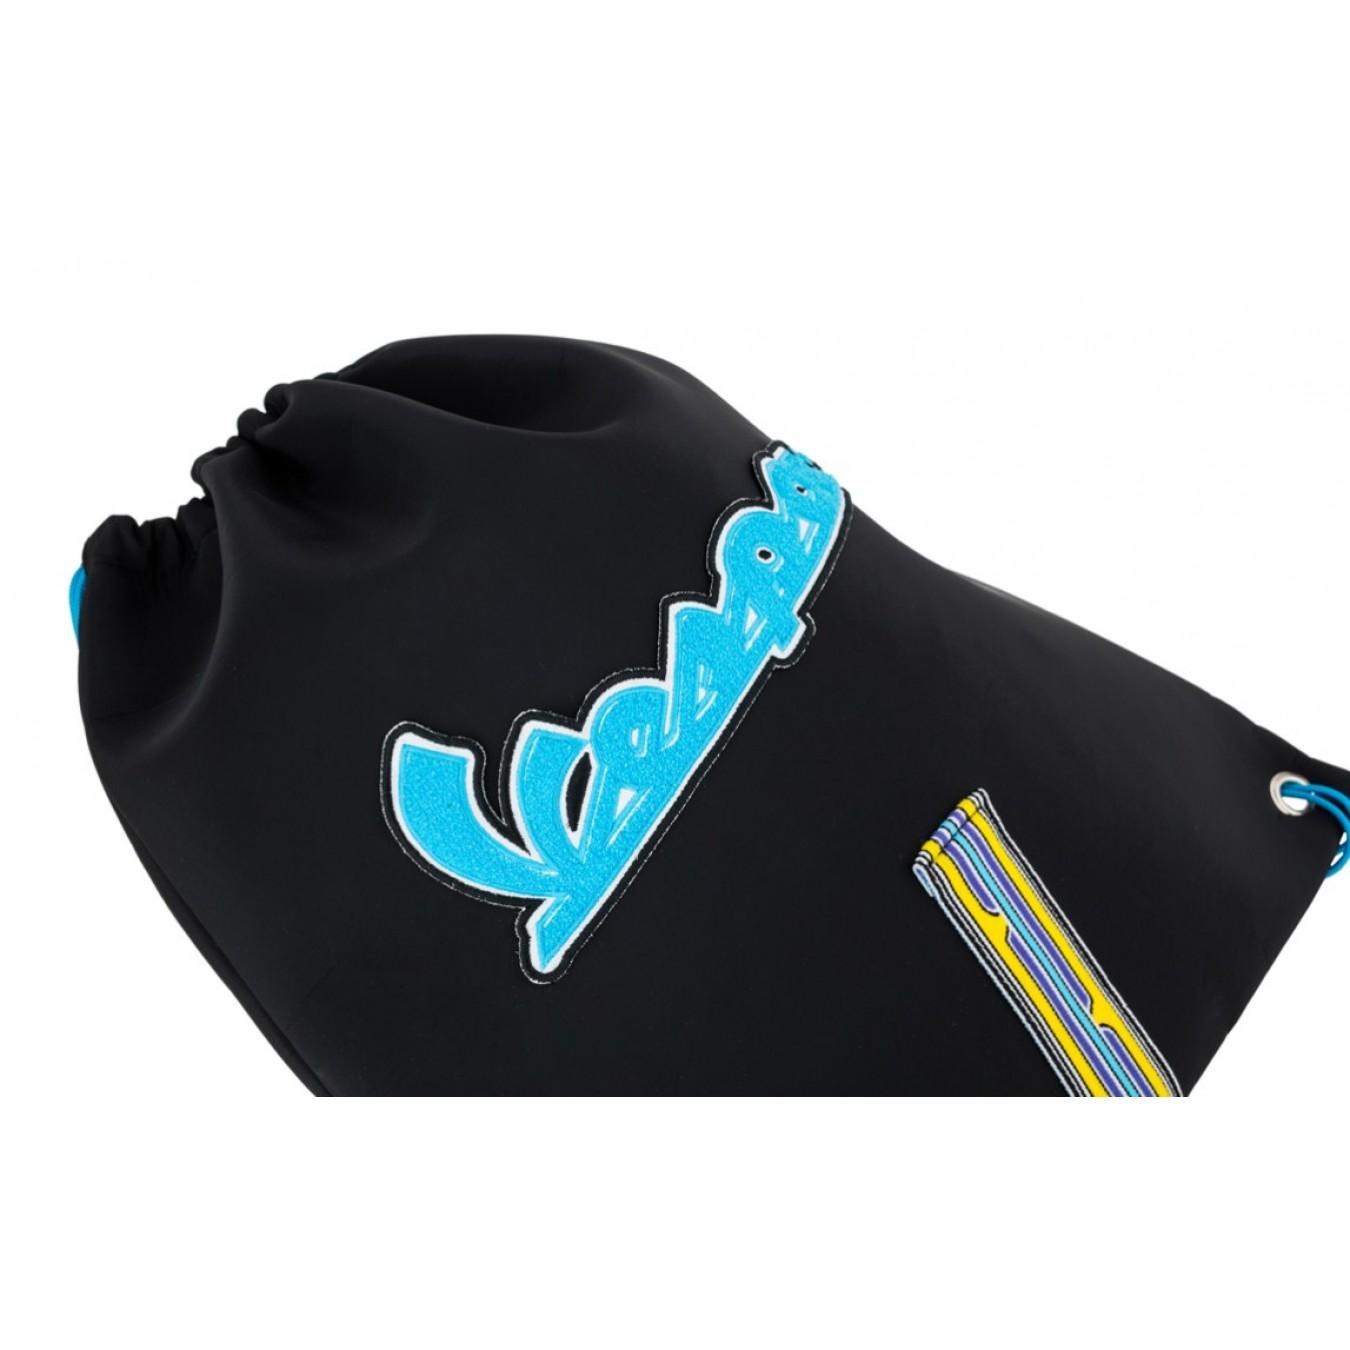 92145d7881 ... Vespa τσάντα κράνους V-Stripes Τσάντες   Σακίδια   Βαλίτσες ...